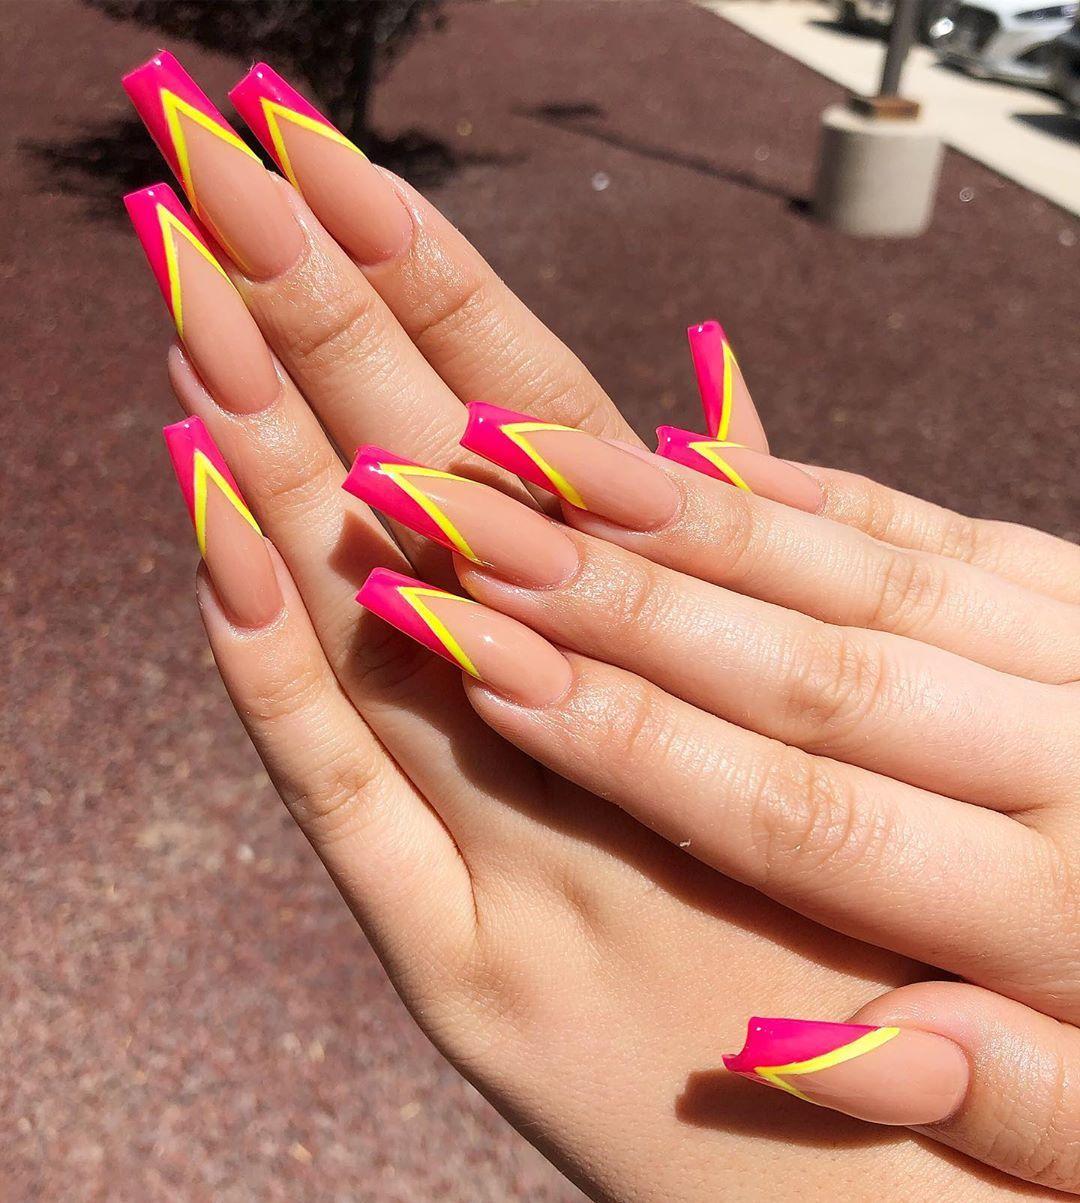 Nailsbykazmiraemery On Instagram Are We Tired Of V Tips Yet Kazmiraemery Elpasonails French Tip Nail Designs French Tip Nails Nail Tips